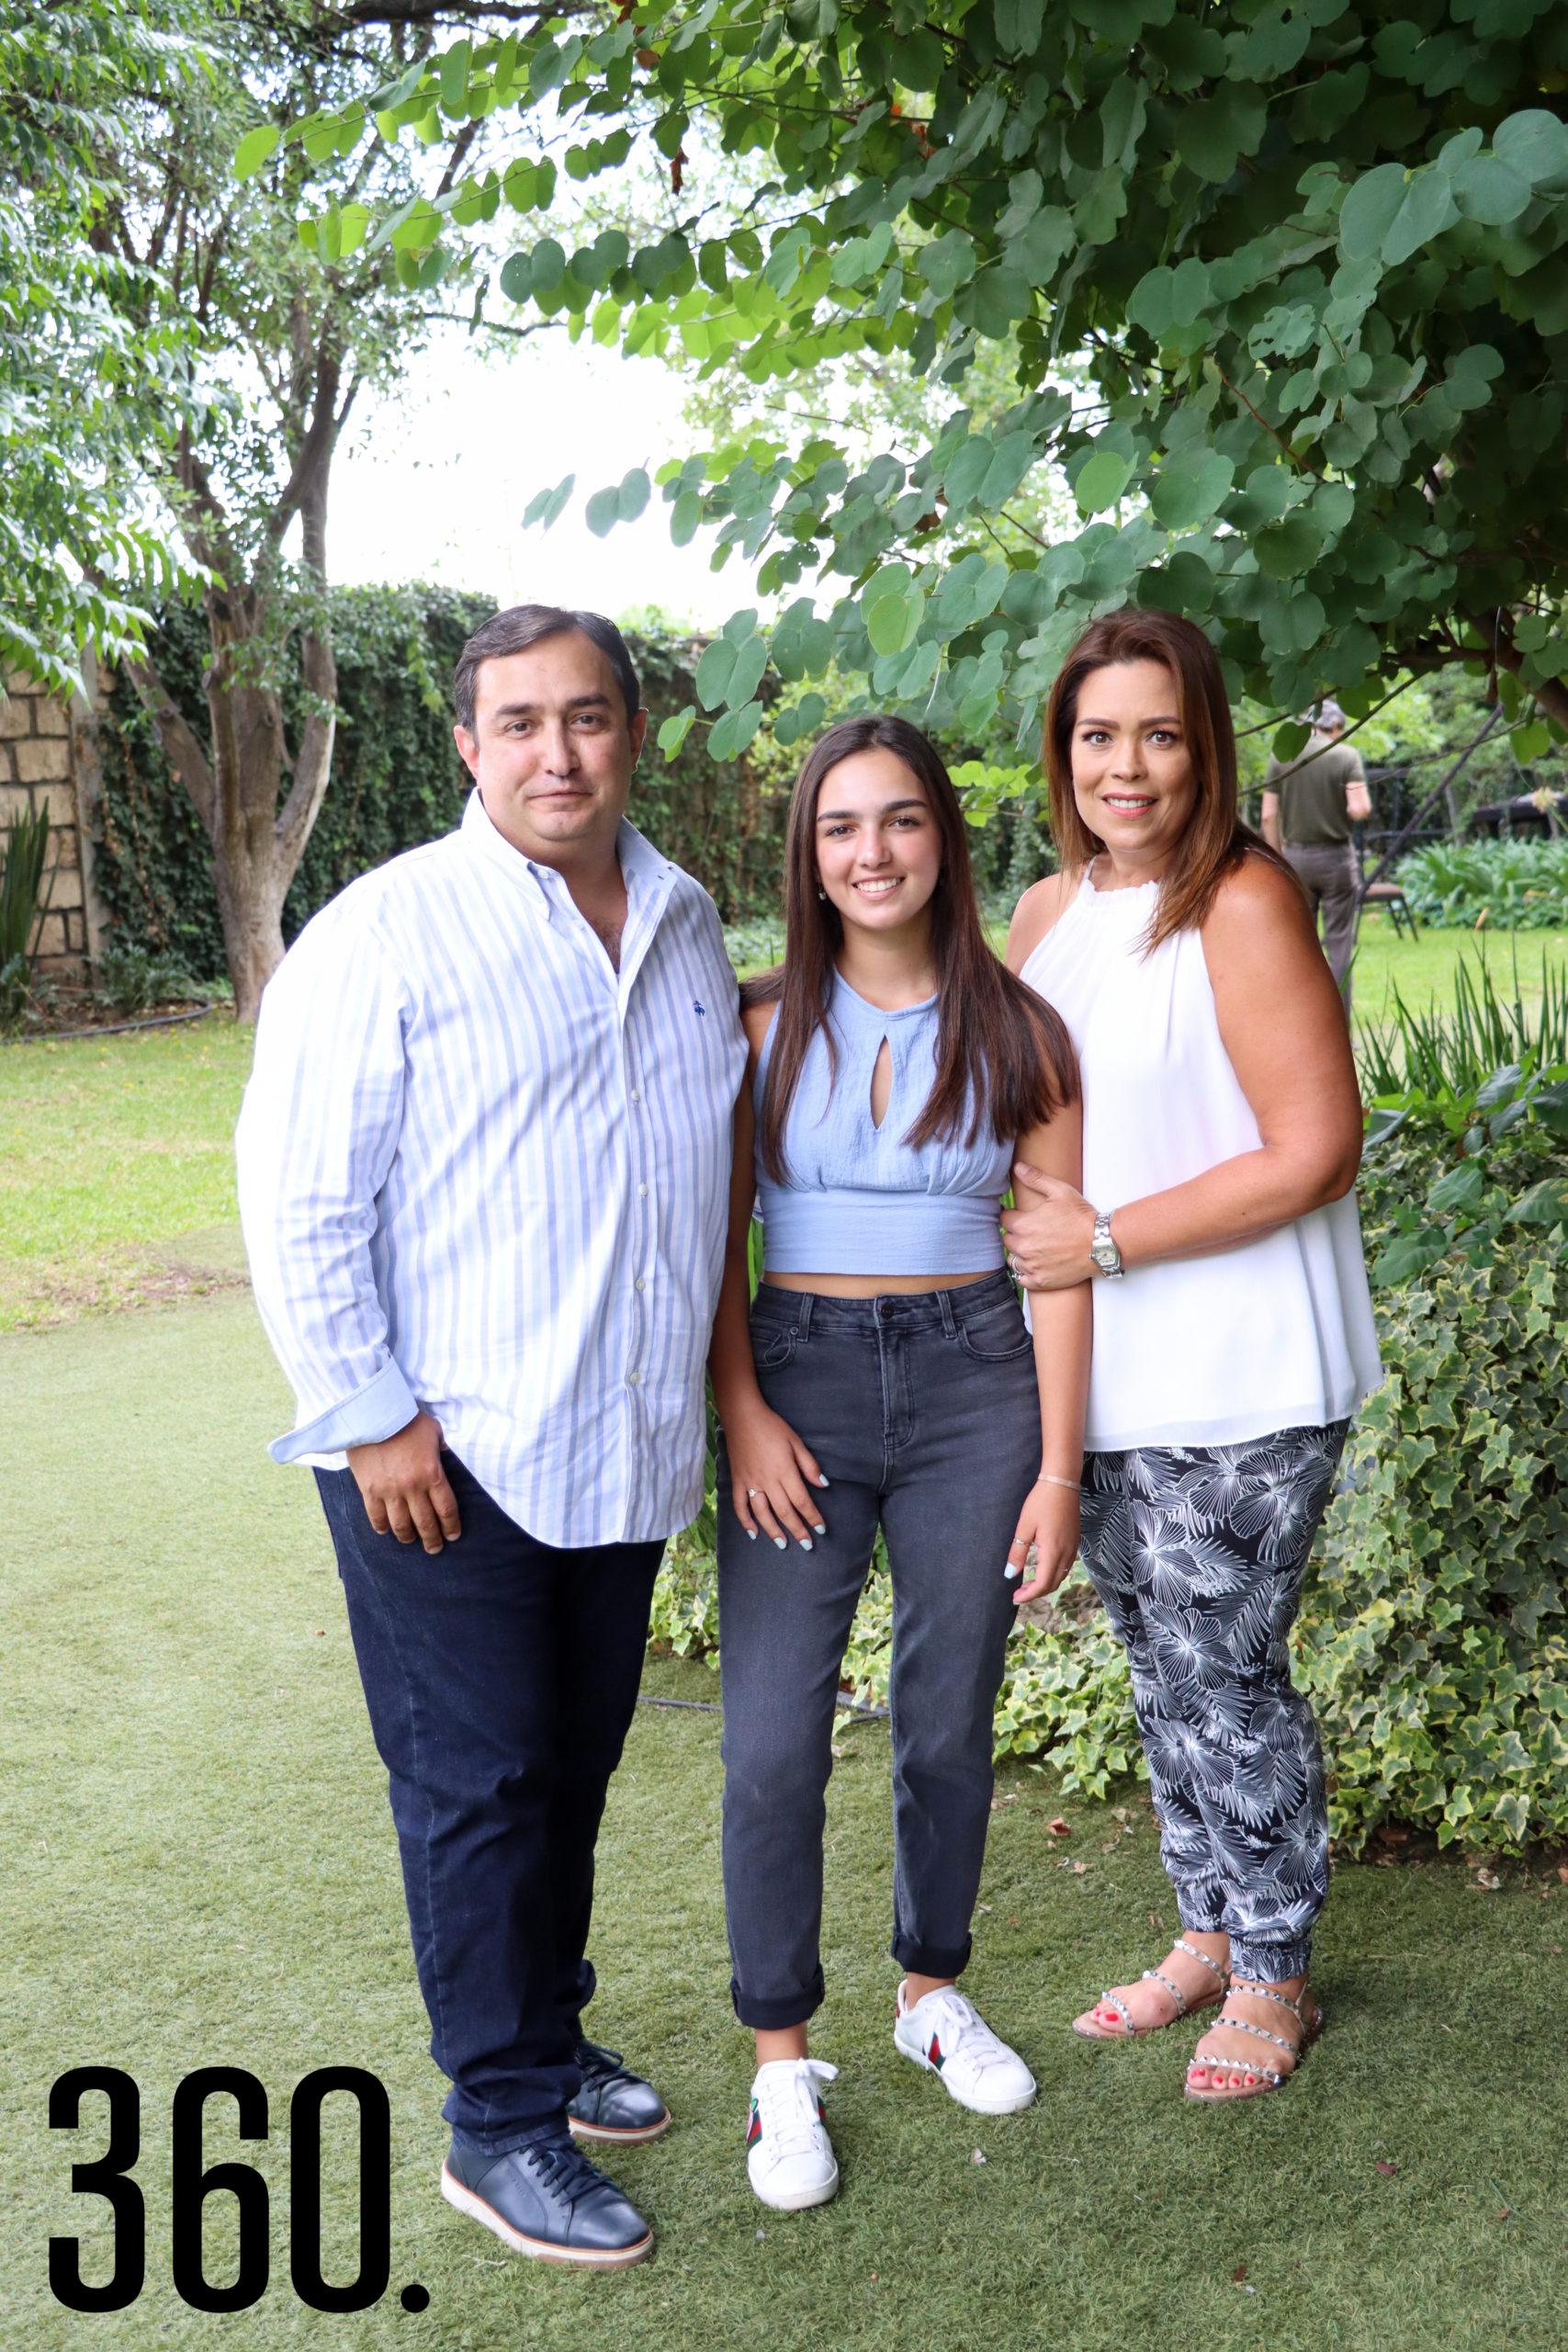 Isabella con sus padres, Eduardo Cárdenas y Marcela Carrillo.